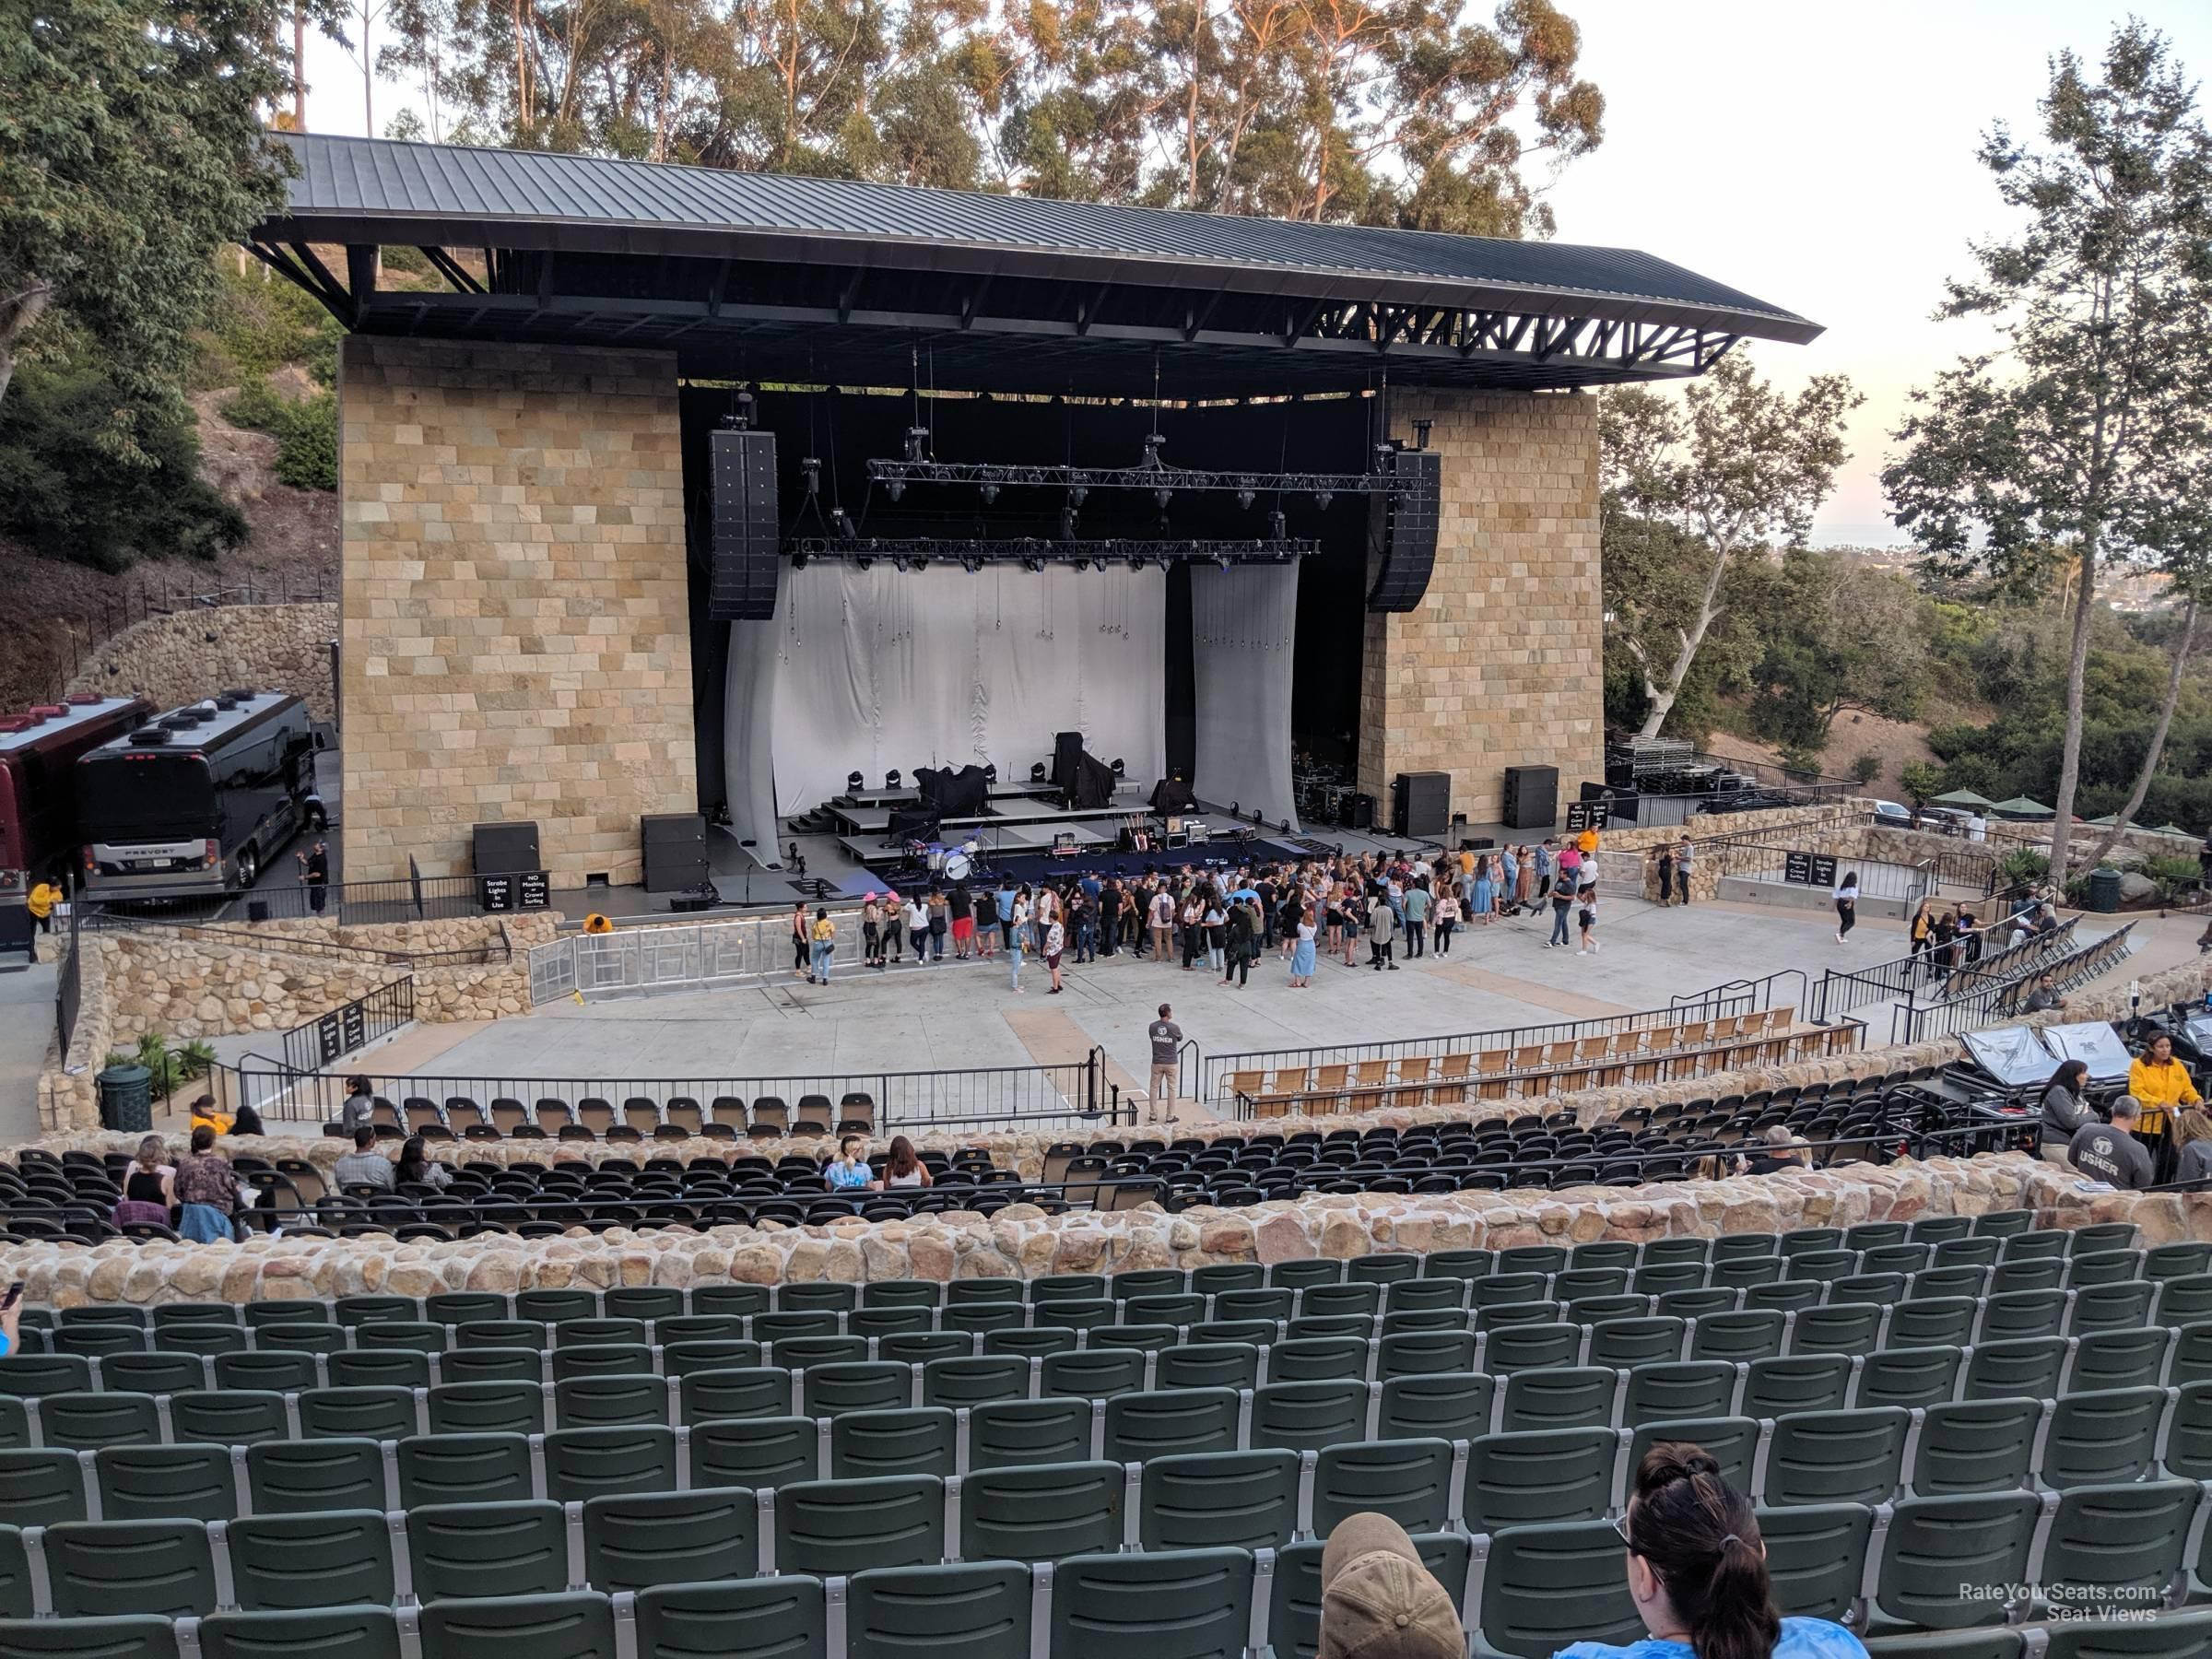 Section I At Santa Barbara Bowl Rateyourseats Com